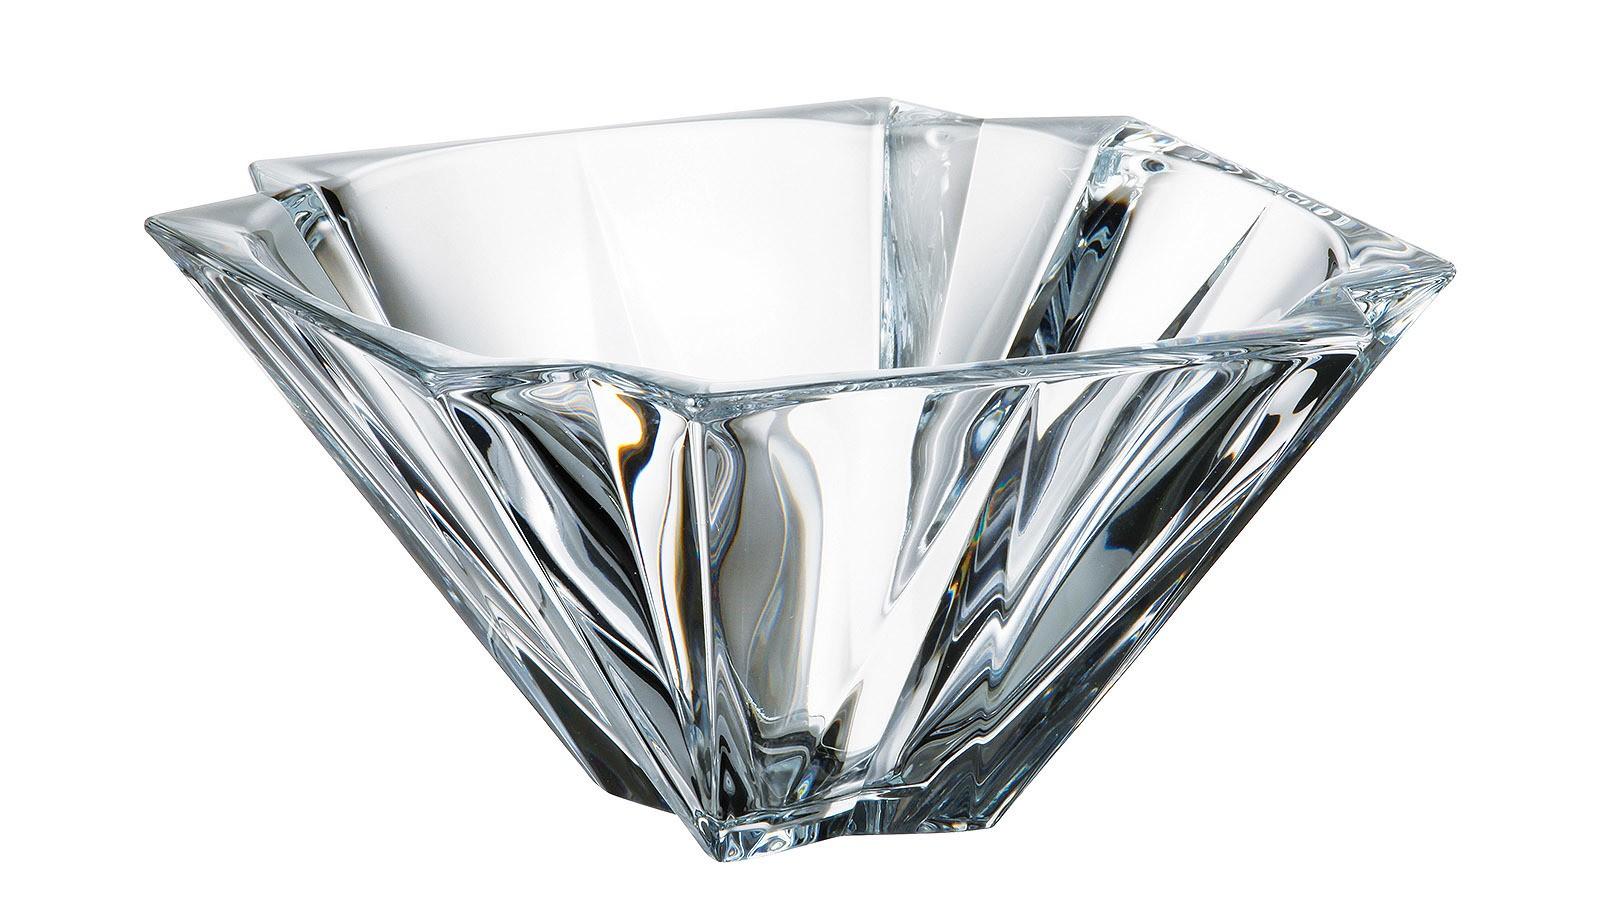 Κουπ Metropolitan Bohemia Κρυστάλλινο 30,5cm home   κρυσταλλα  διακοσμηση   κρύσταλλα